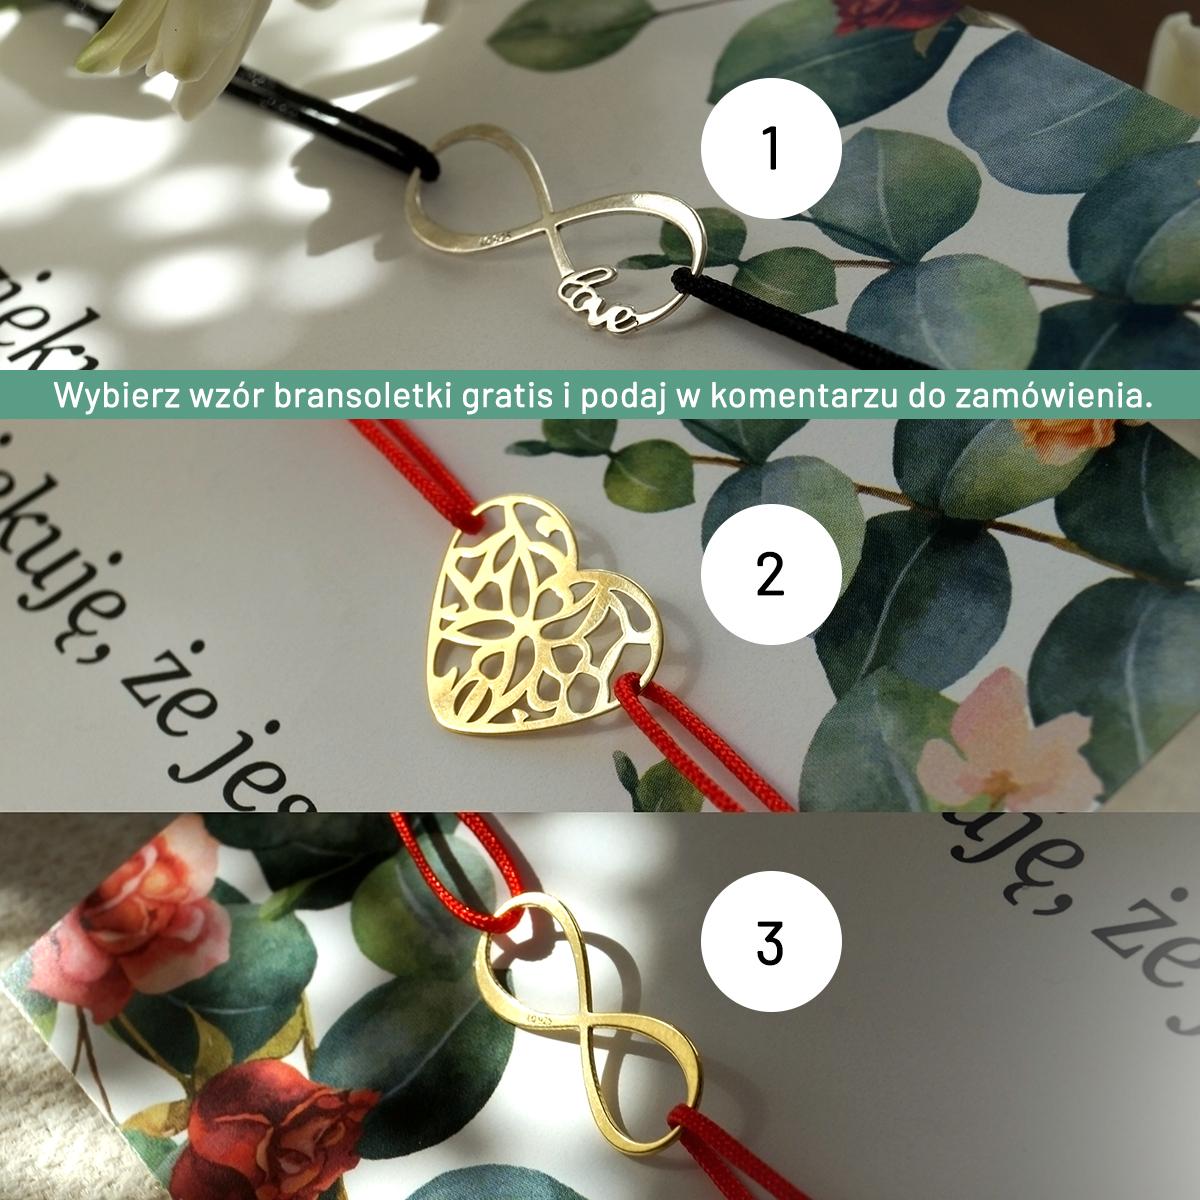 3 bransoletki do wyboru na prezent